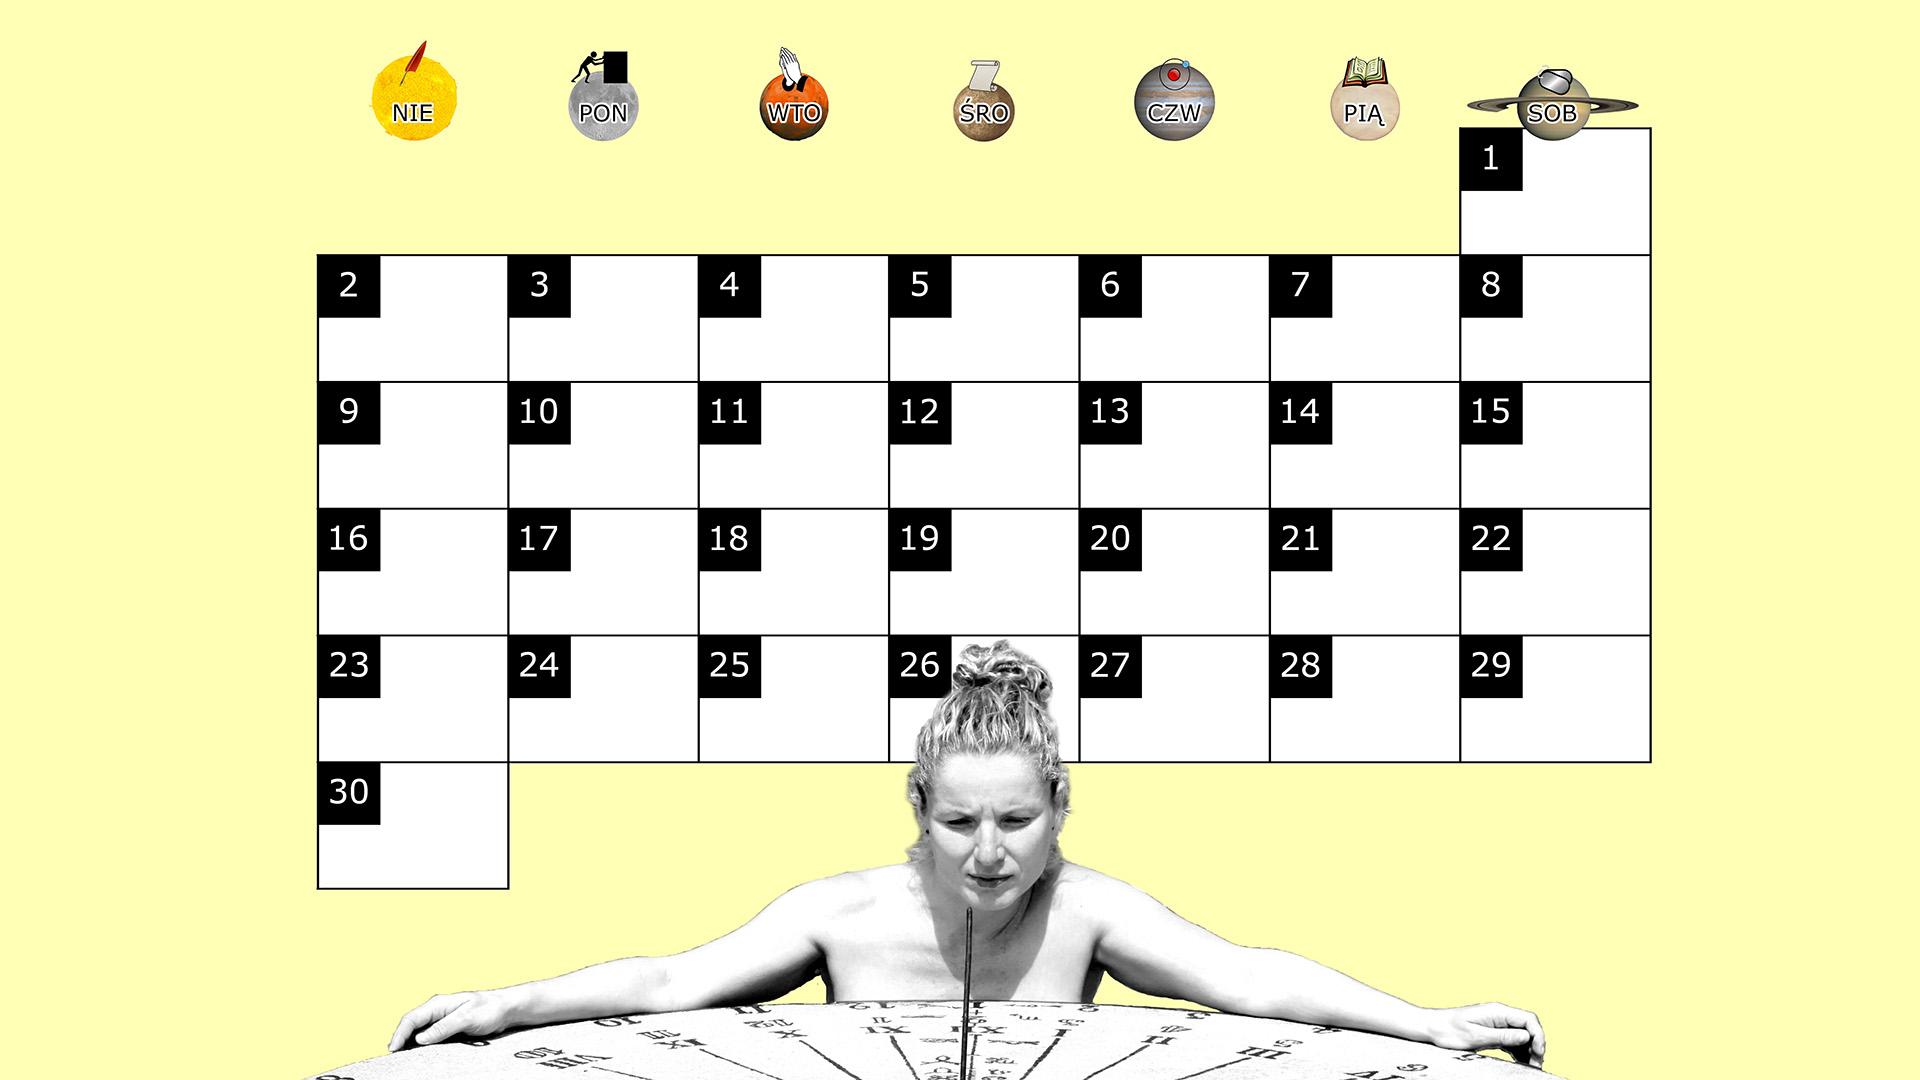 Miesięczny kalendarz na pulpit na listopad 2014 na żółtym tle